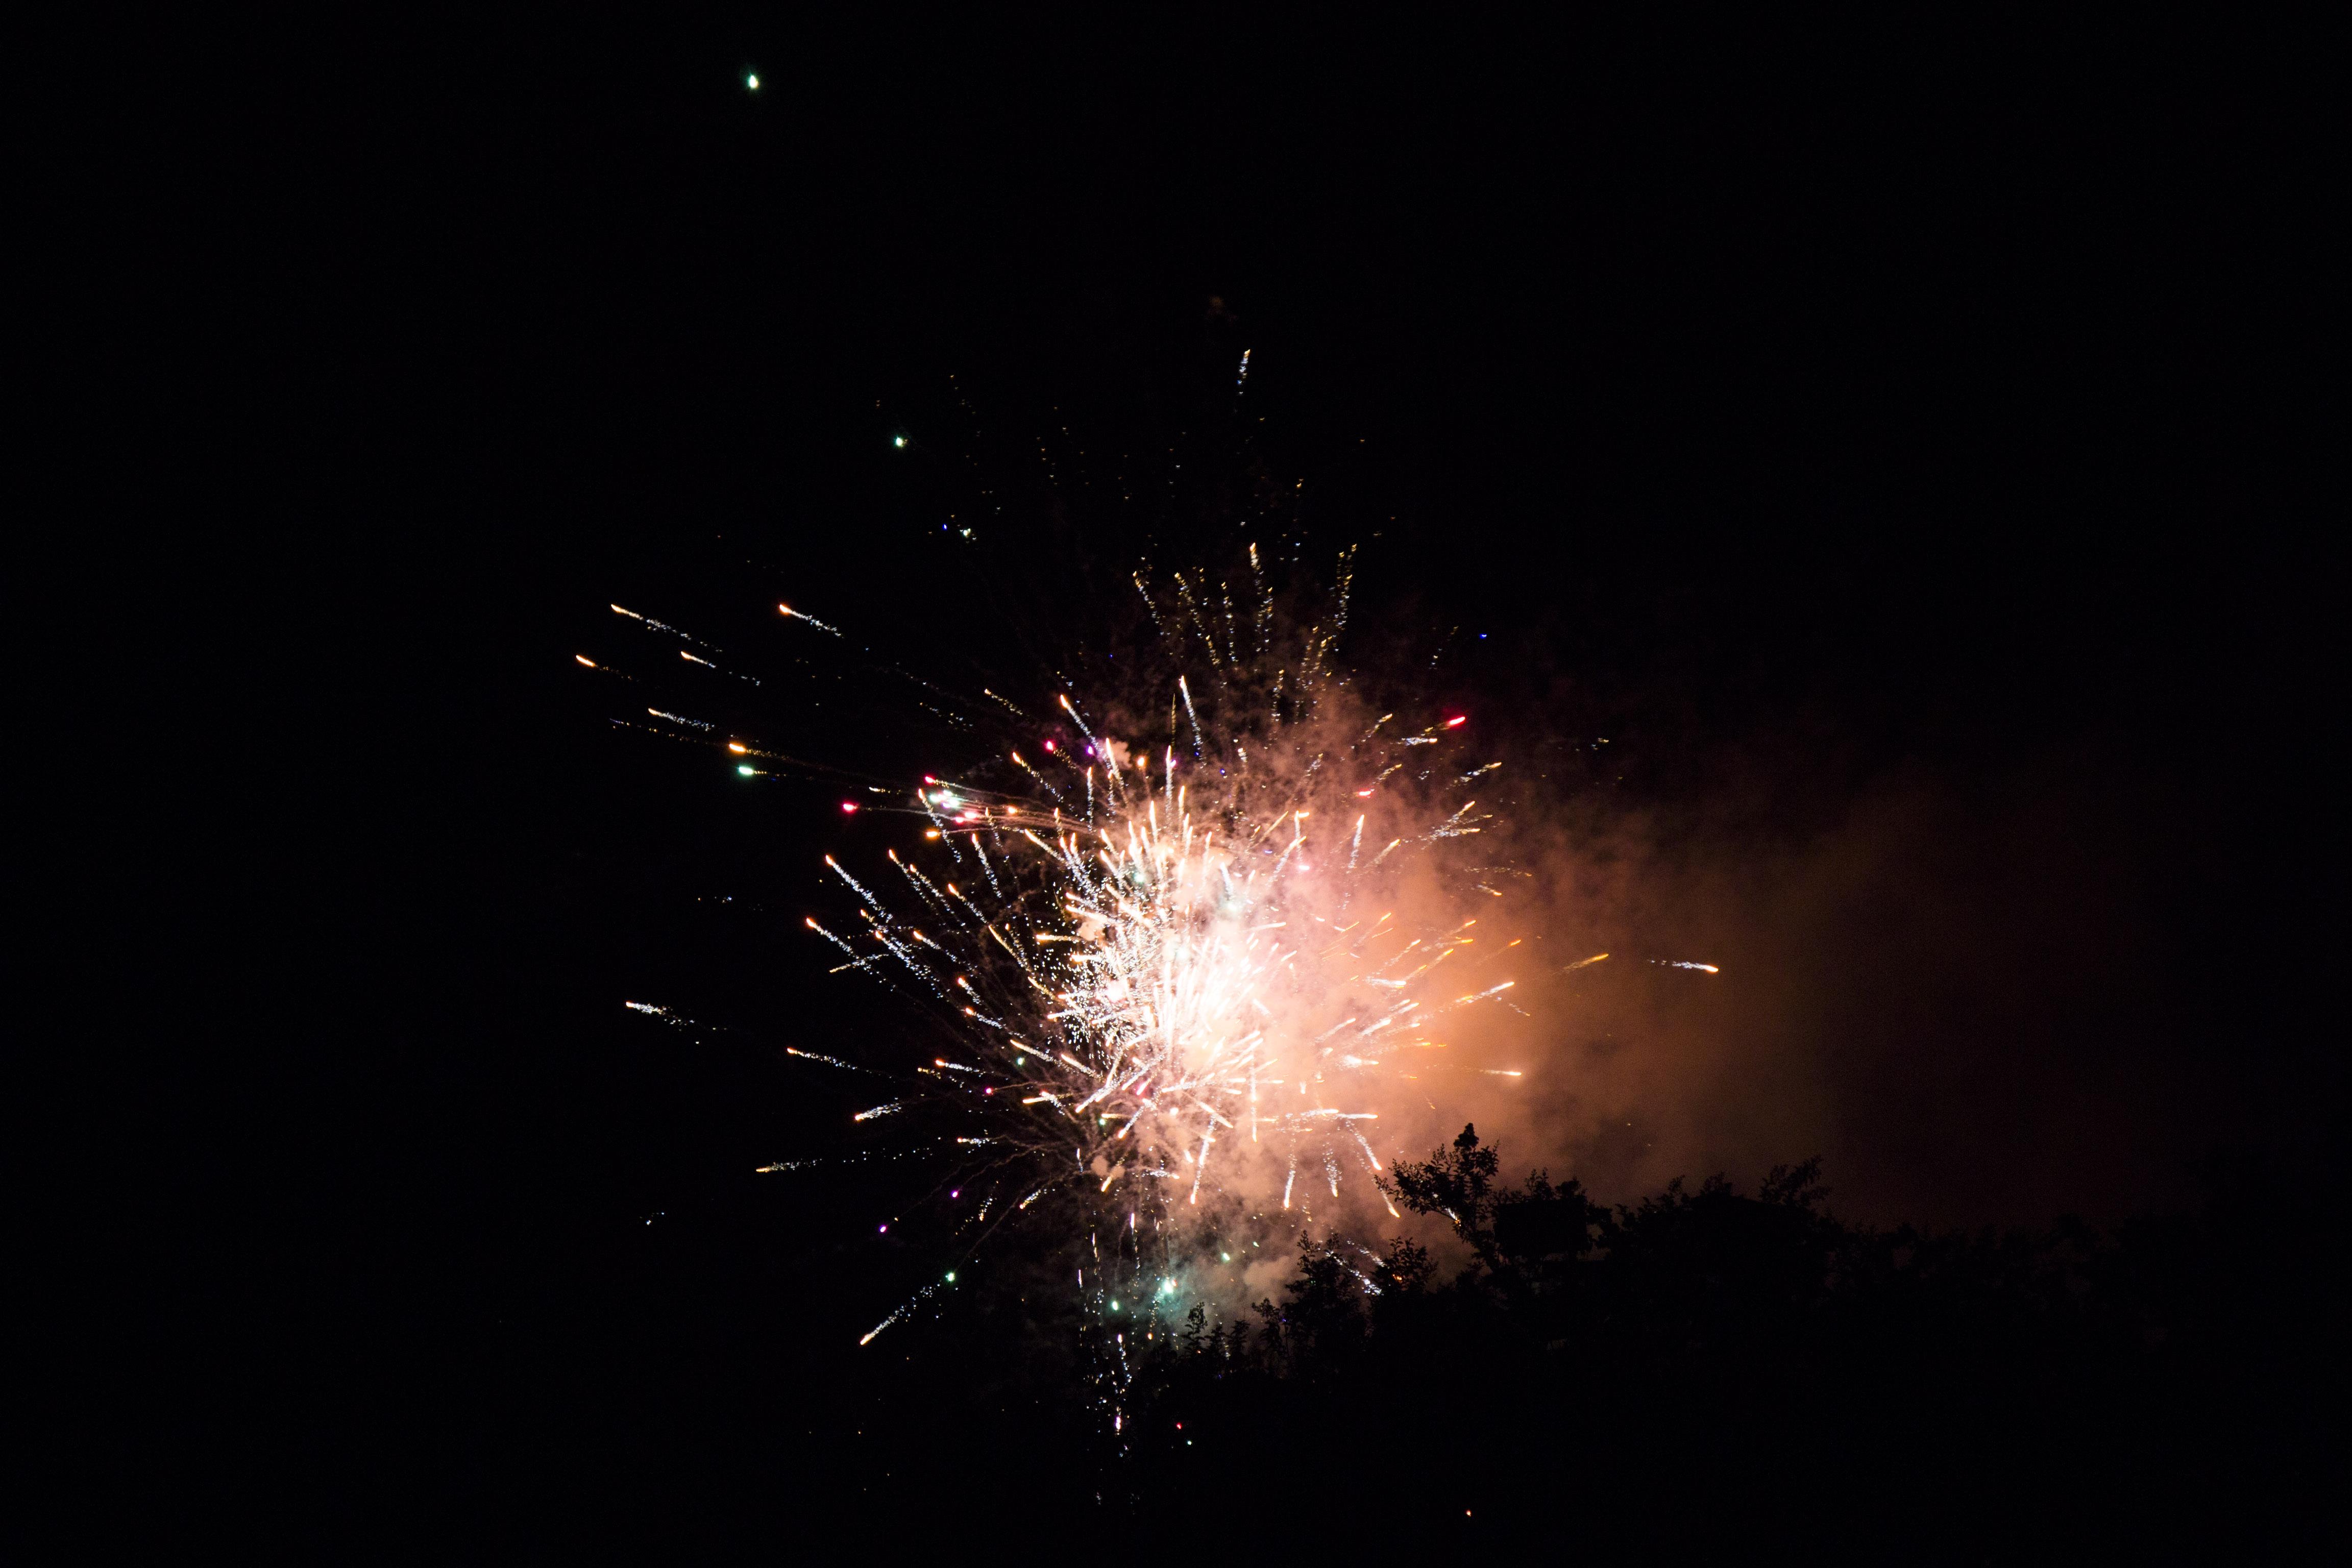 Fireworks lit up the night sky over Smythe Lake!